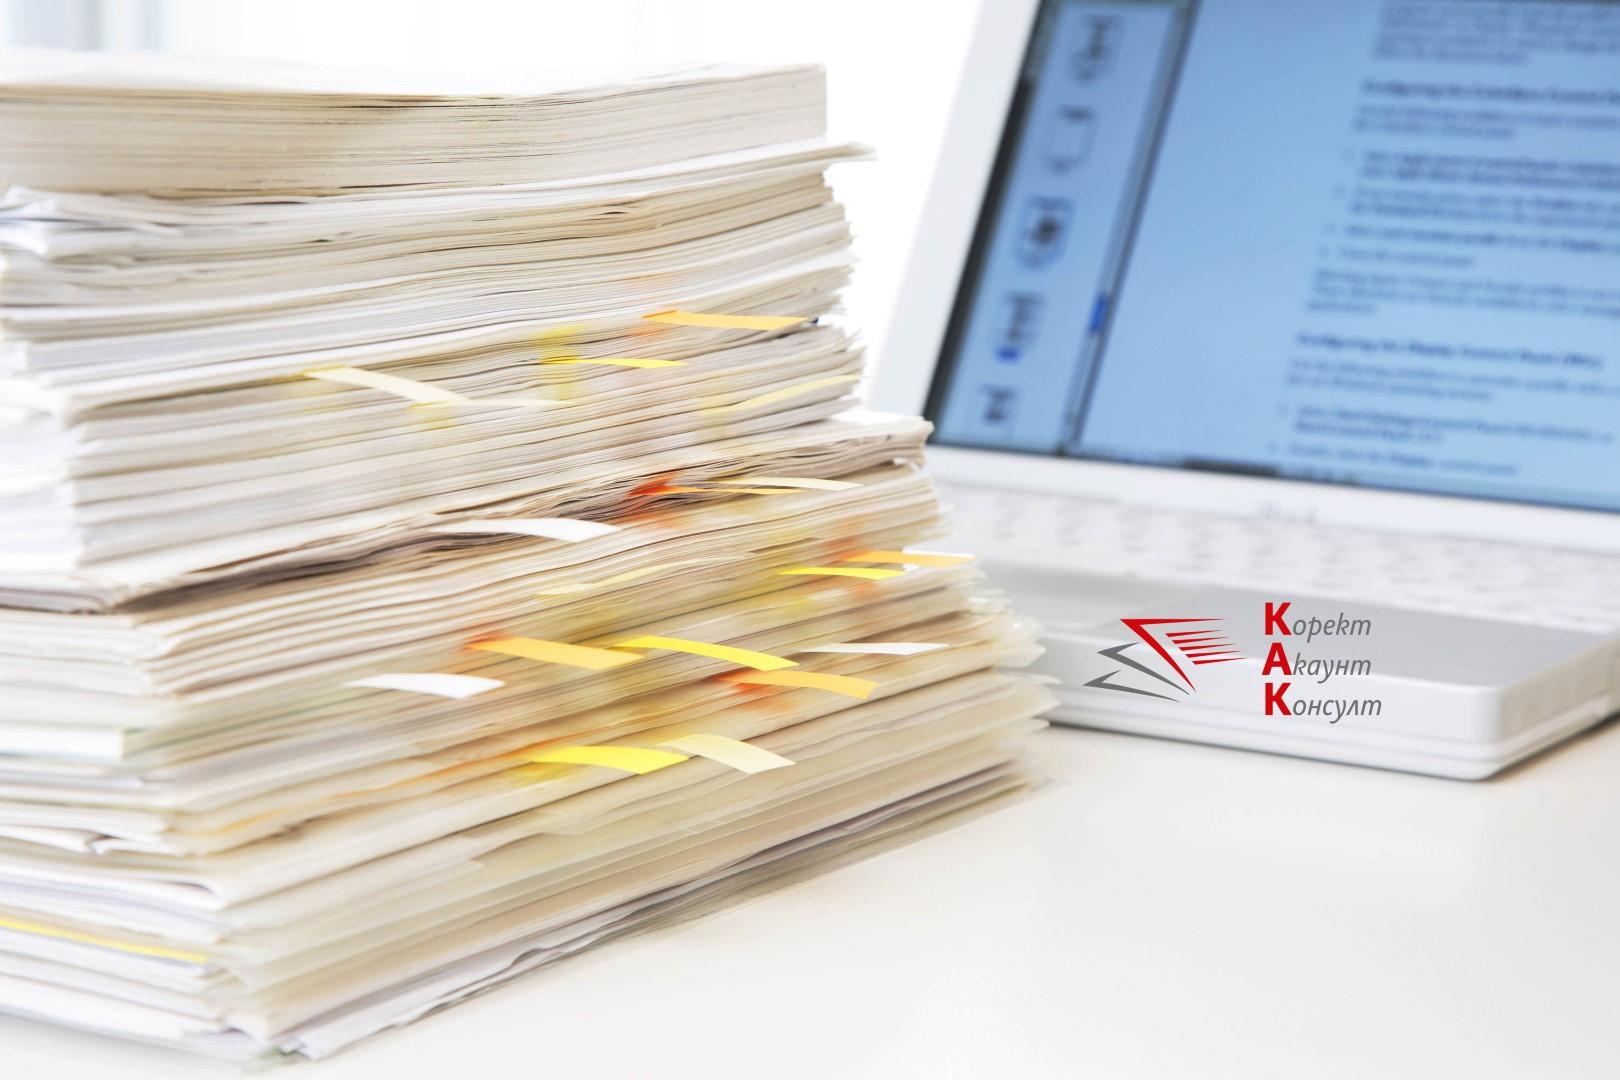 Декларацията по ЗКПО може да се подава без входящ номер от НСИ